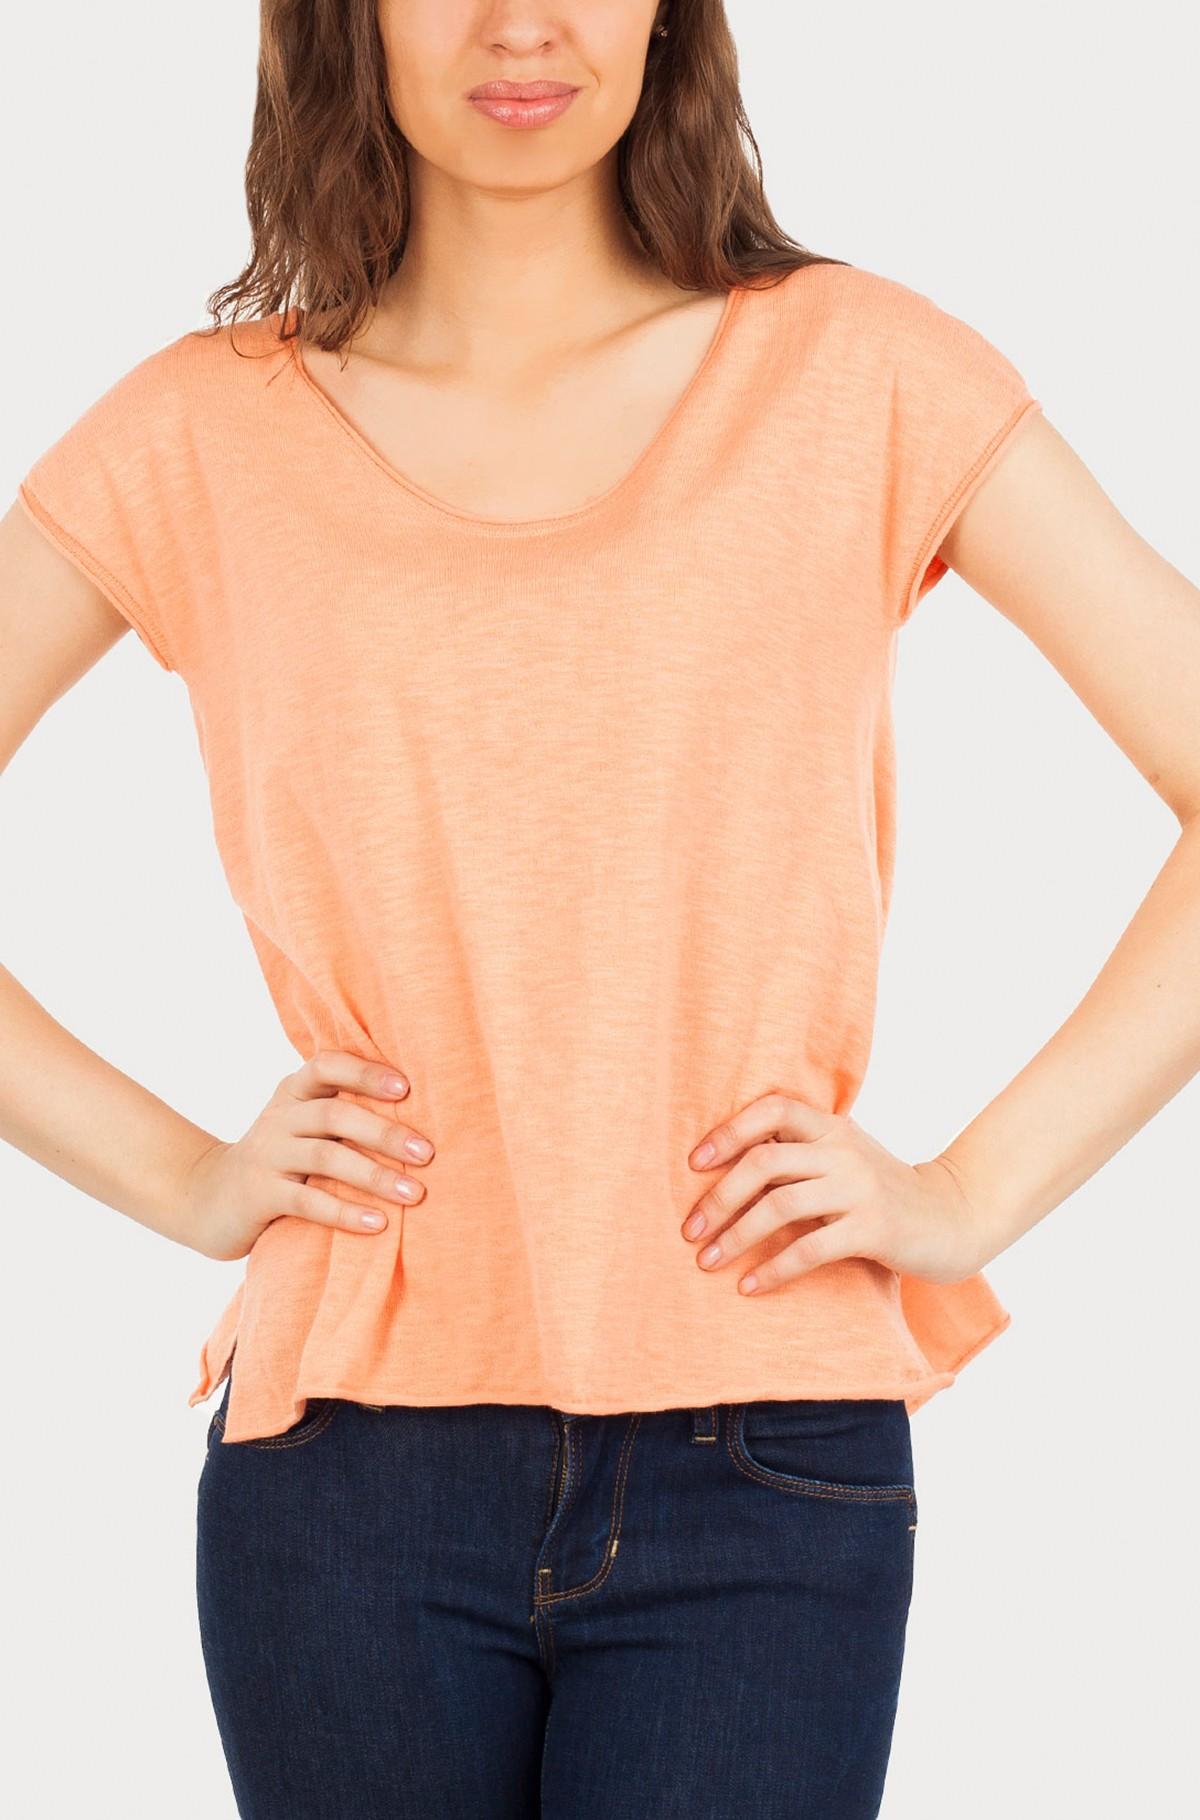 Shirt 504 5039 62043-full-1